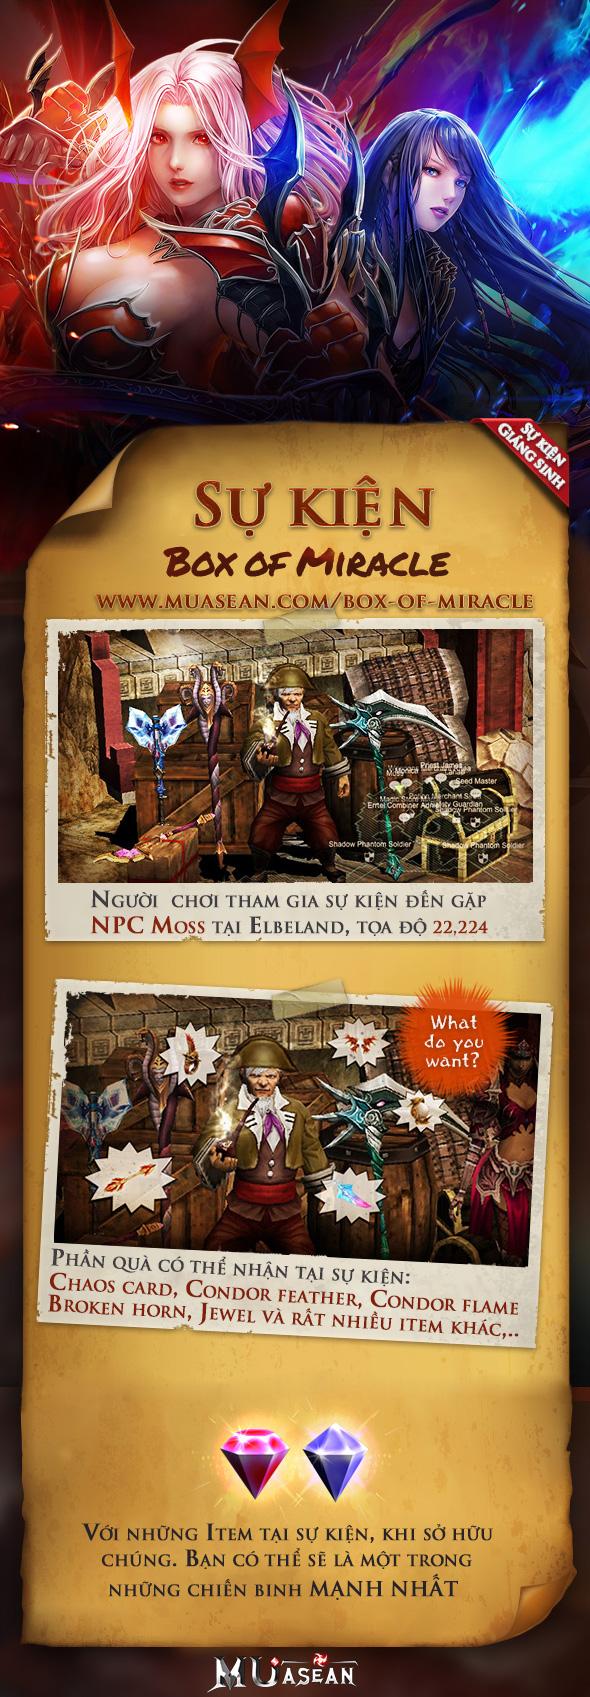 sukien box of miracle